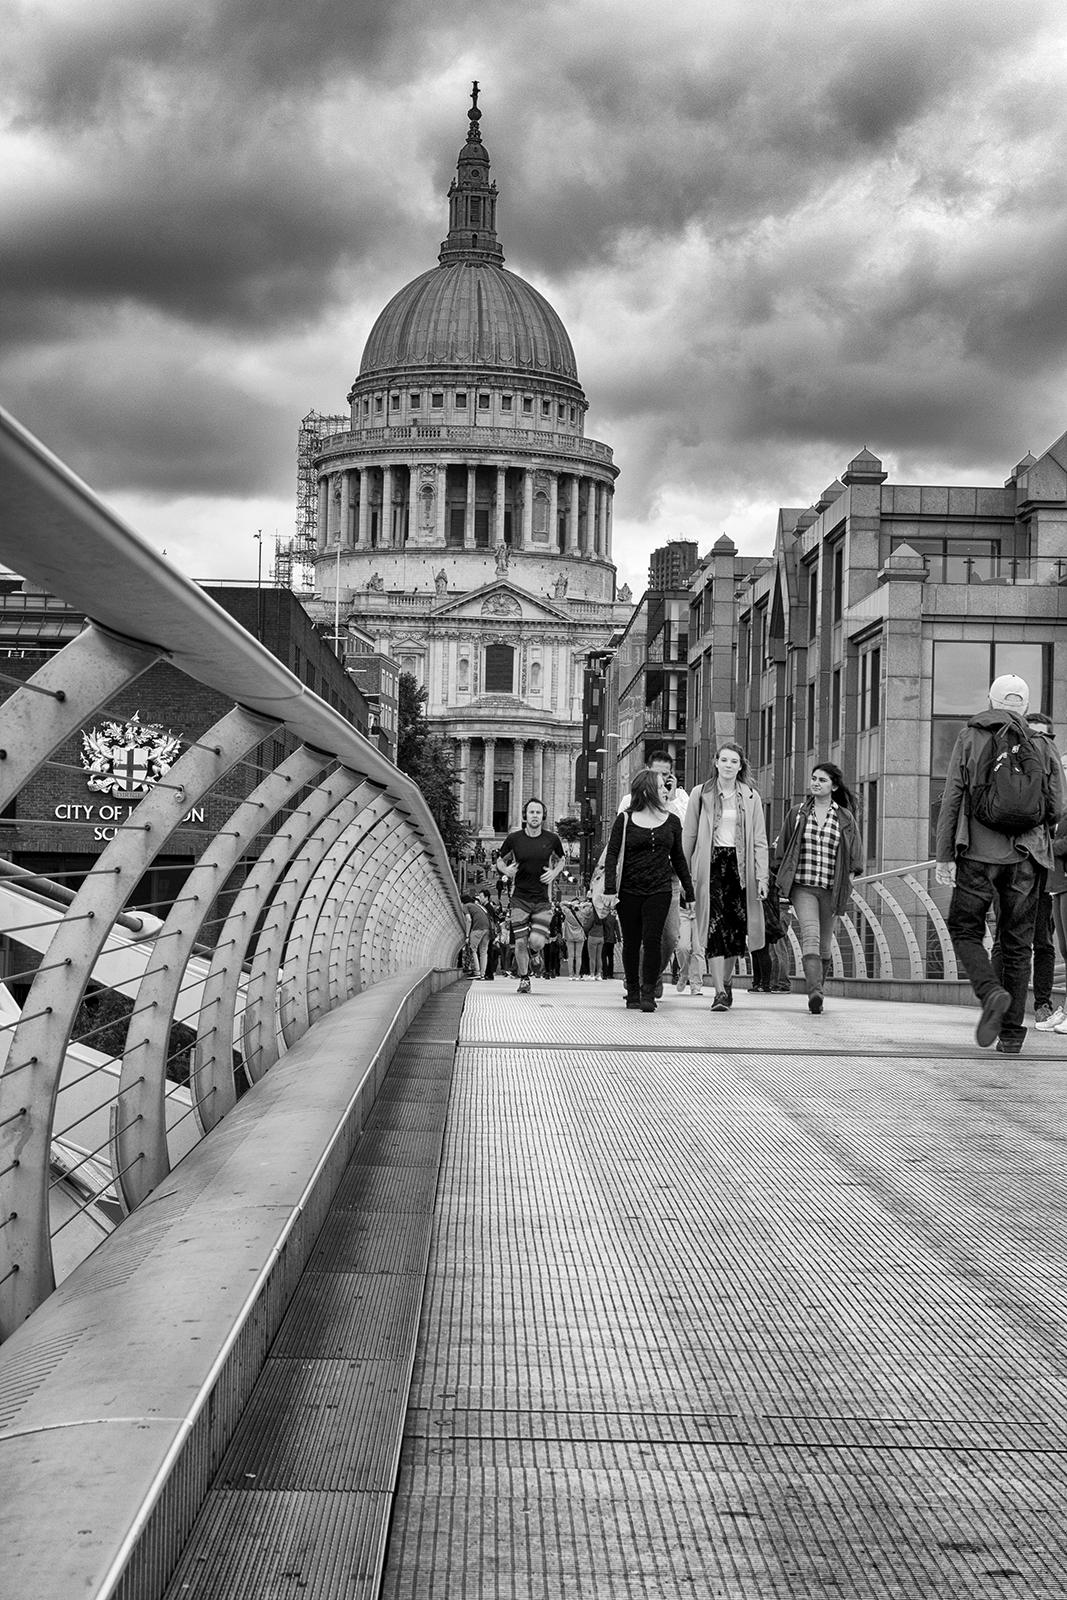 St. Paul's from Millennium Bridge